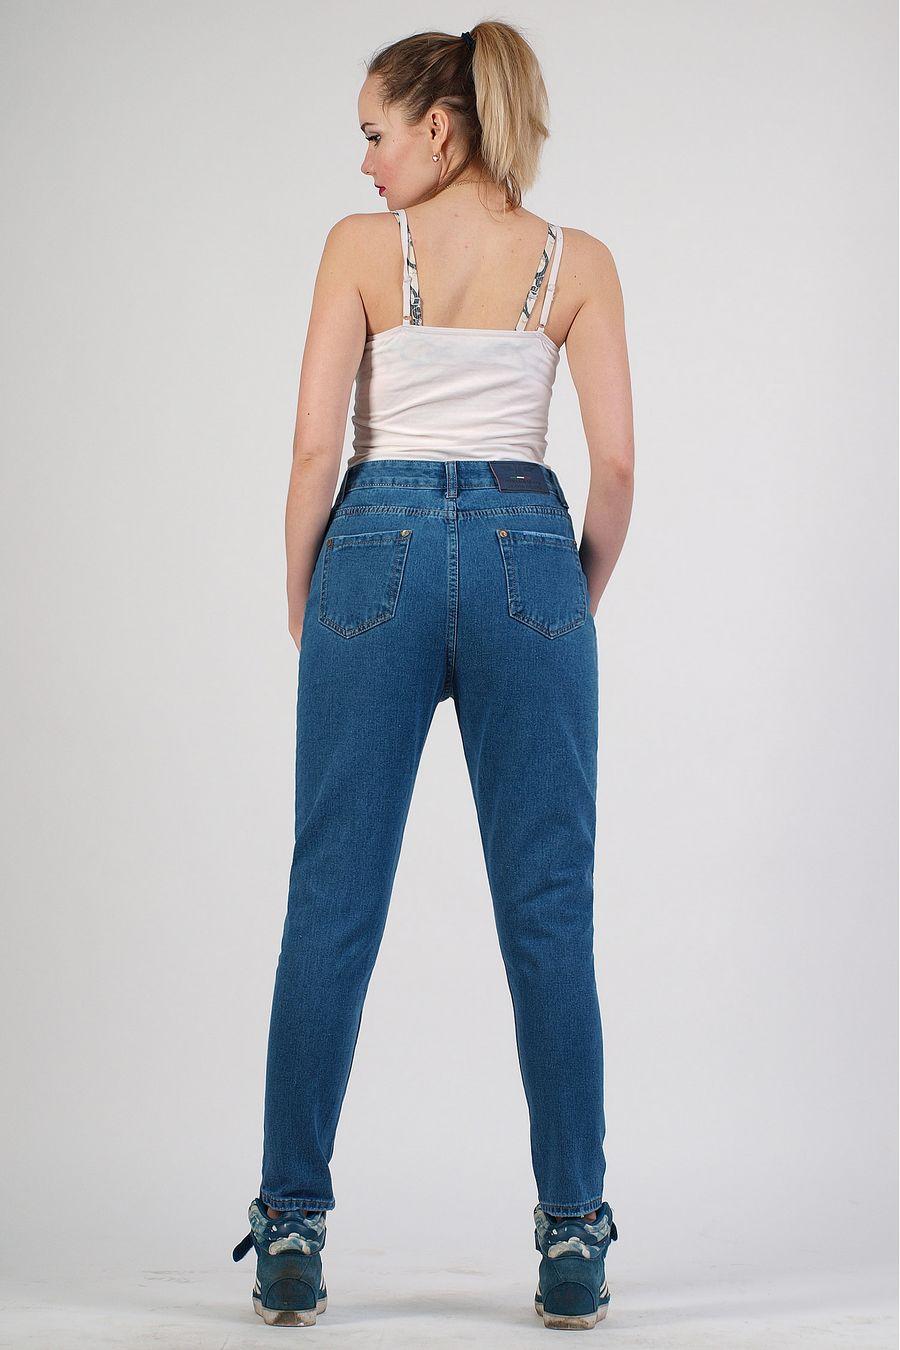 Джинсы женские K.Y Jeans 2228 - фото 2